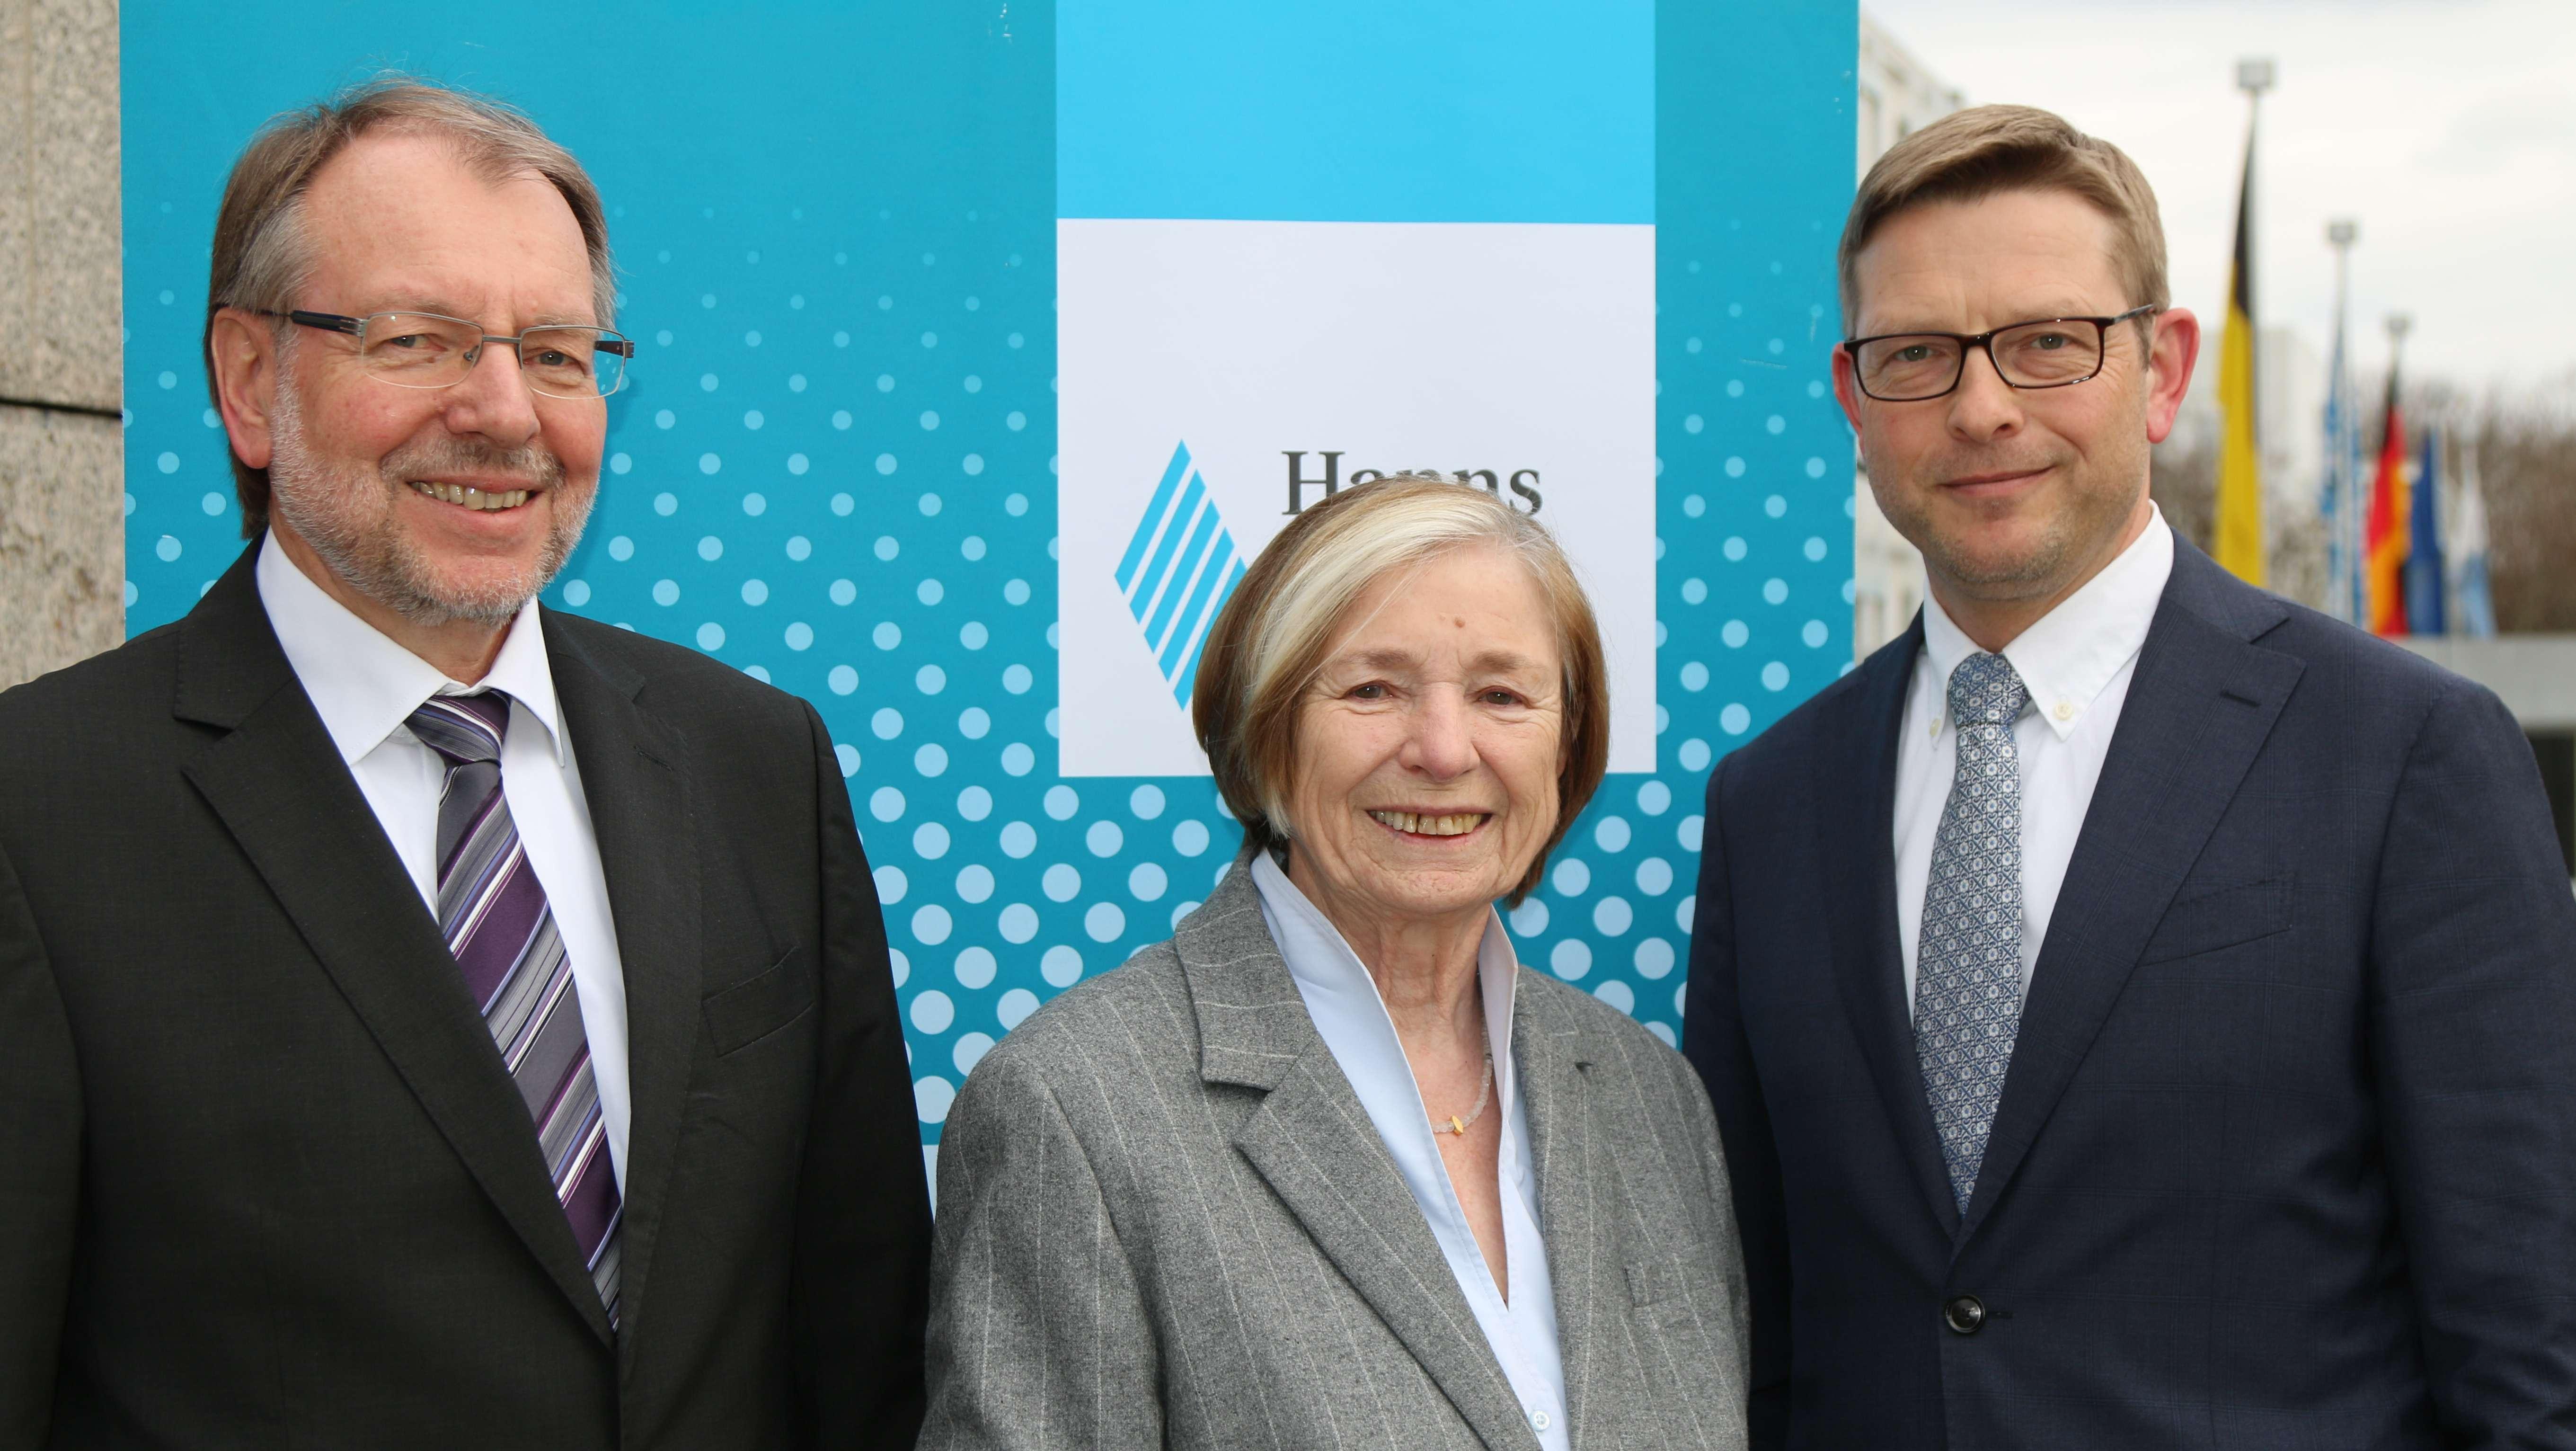 Der scheidende Generalsekretär der Hanns-Seidel-Stiftung, Dr. Peter Witterauf (links), Vorsitzende Prof. Ursula Männle, Staatsministerin a.D. (Mitte) und der kommende, neue Generalsekretär Oliver Jörg (rechts)